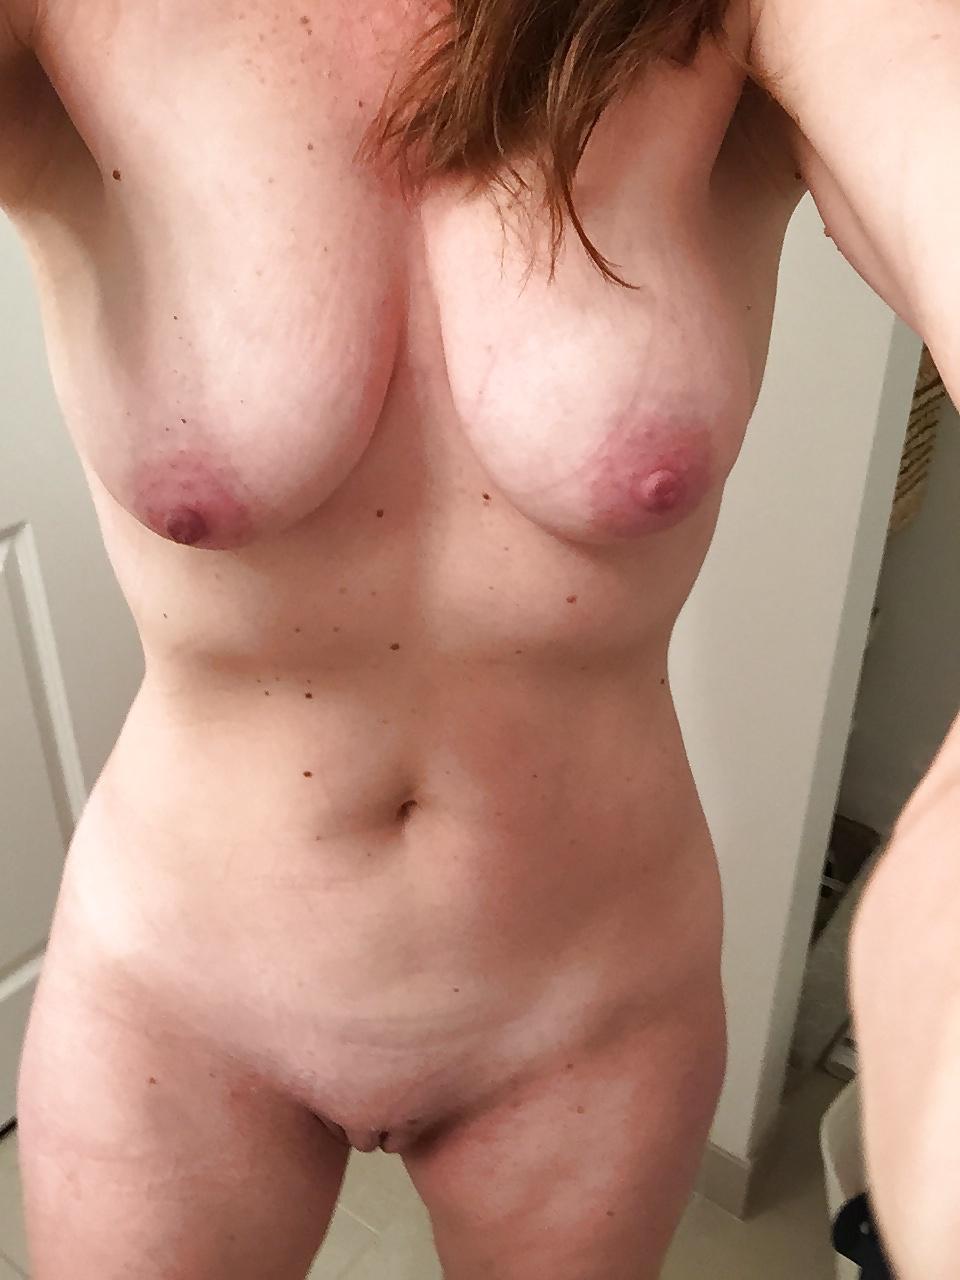 Amateure Frauen machten Nacktselfie - Bild 6